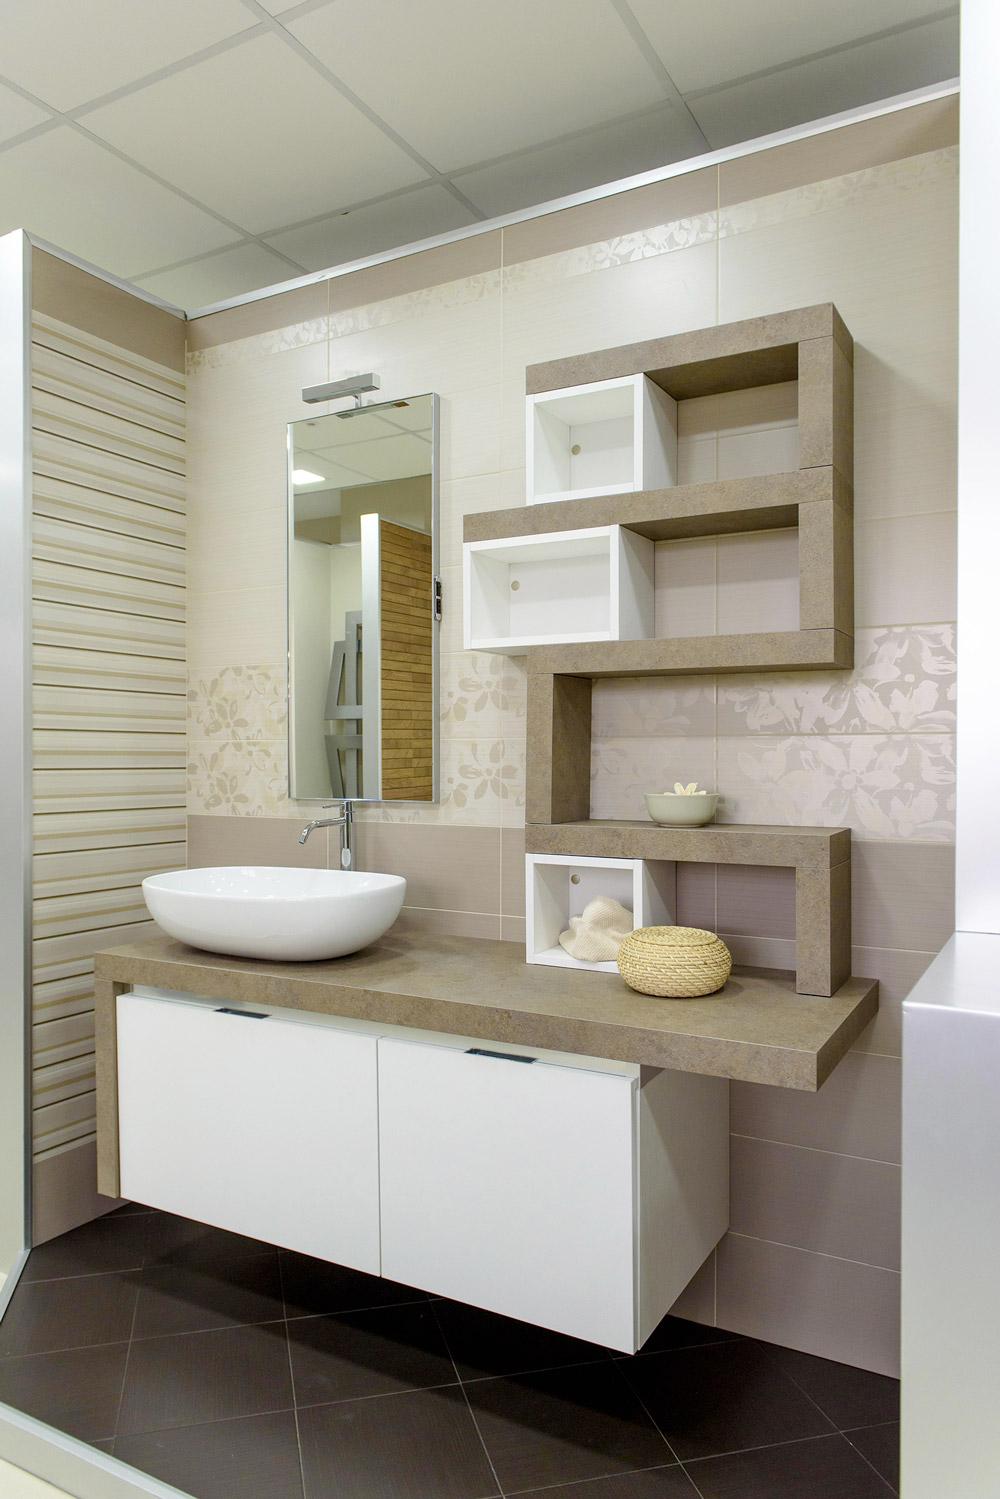 Showroom-miroma-ceramiche-arredobagno-aversa-caserta-napoli-3